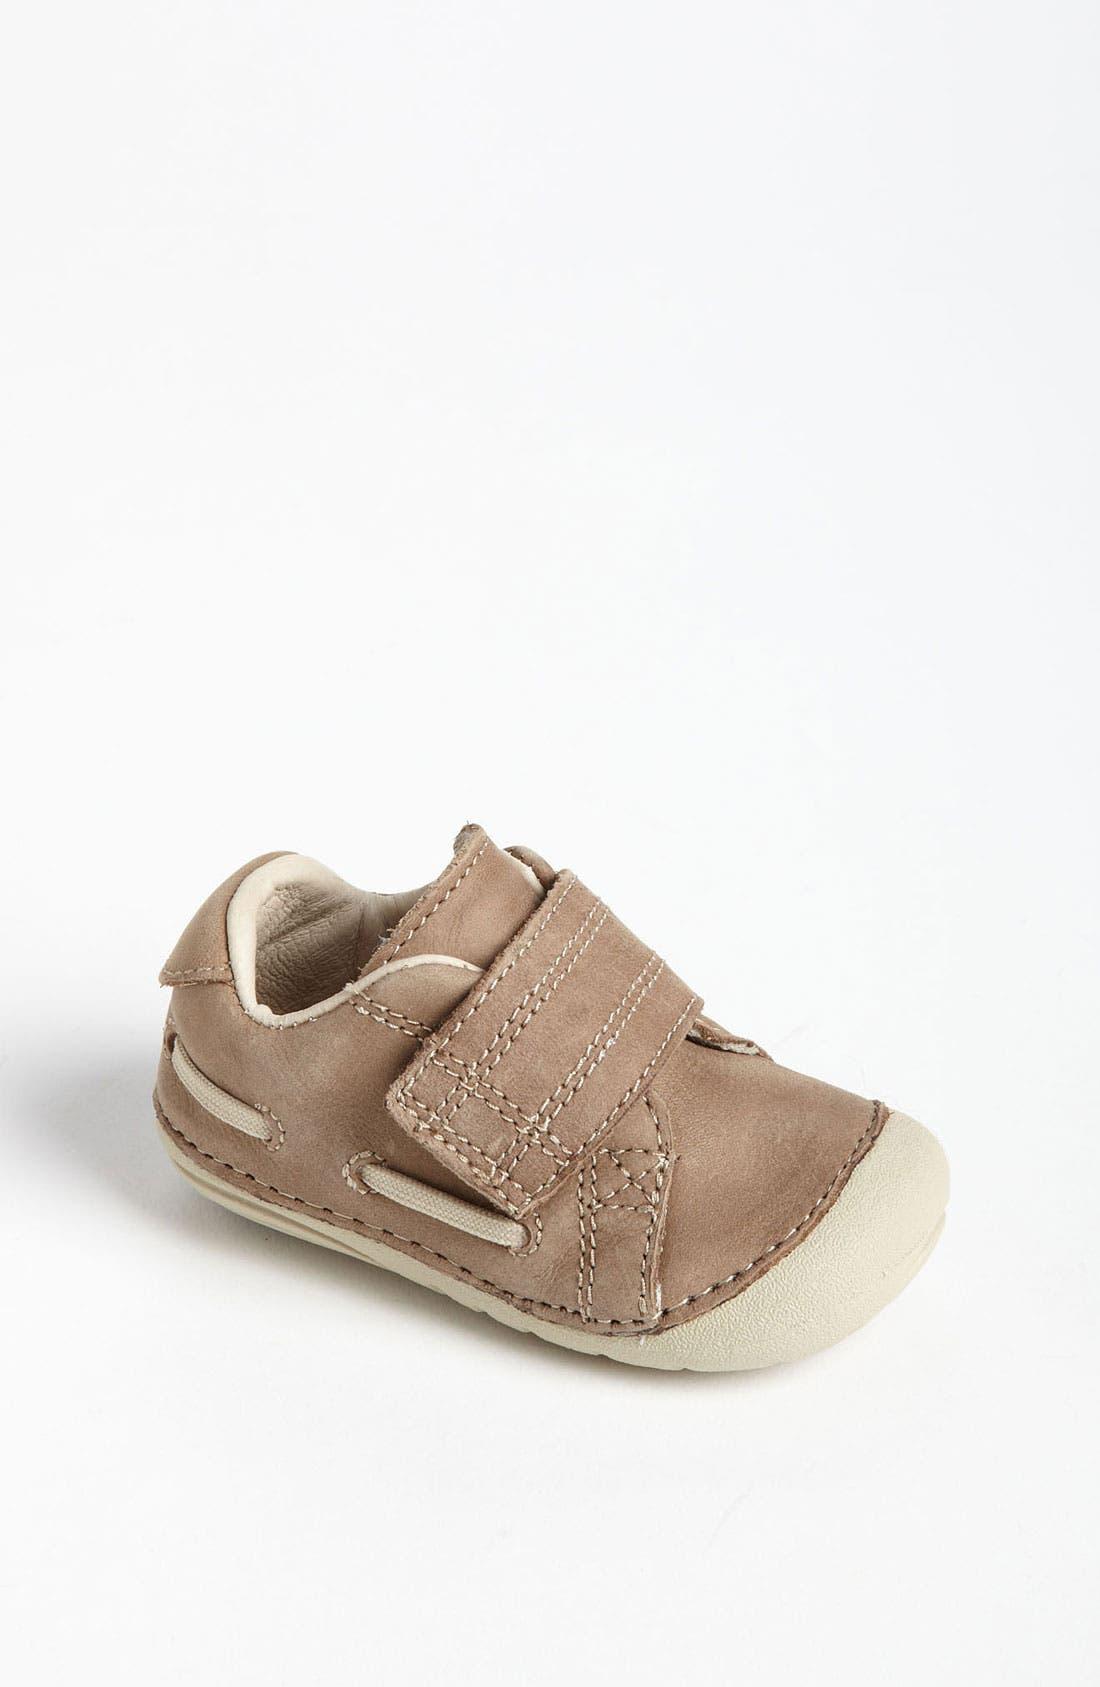 Alternate Image 1 Selected - Stride Rite 'Skip' Sneaker (Baby & Walker)